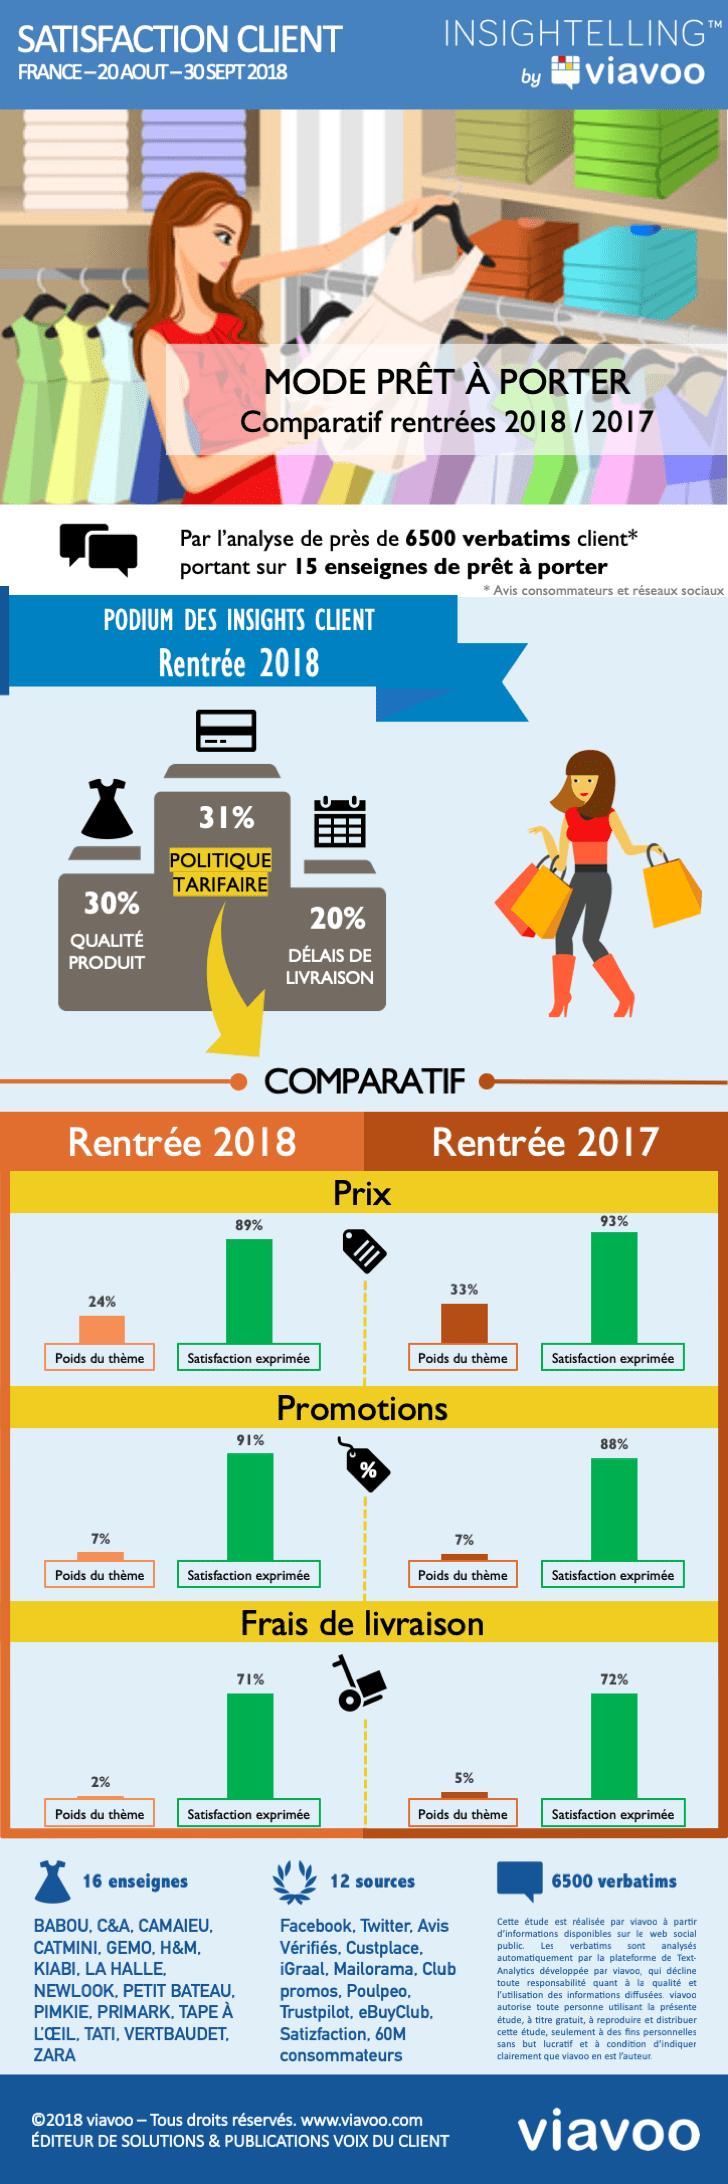 Prêt-à-porter : rentrée 2018 vs 2017